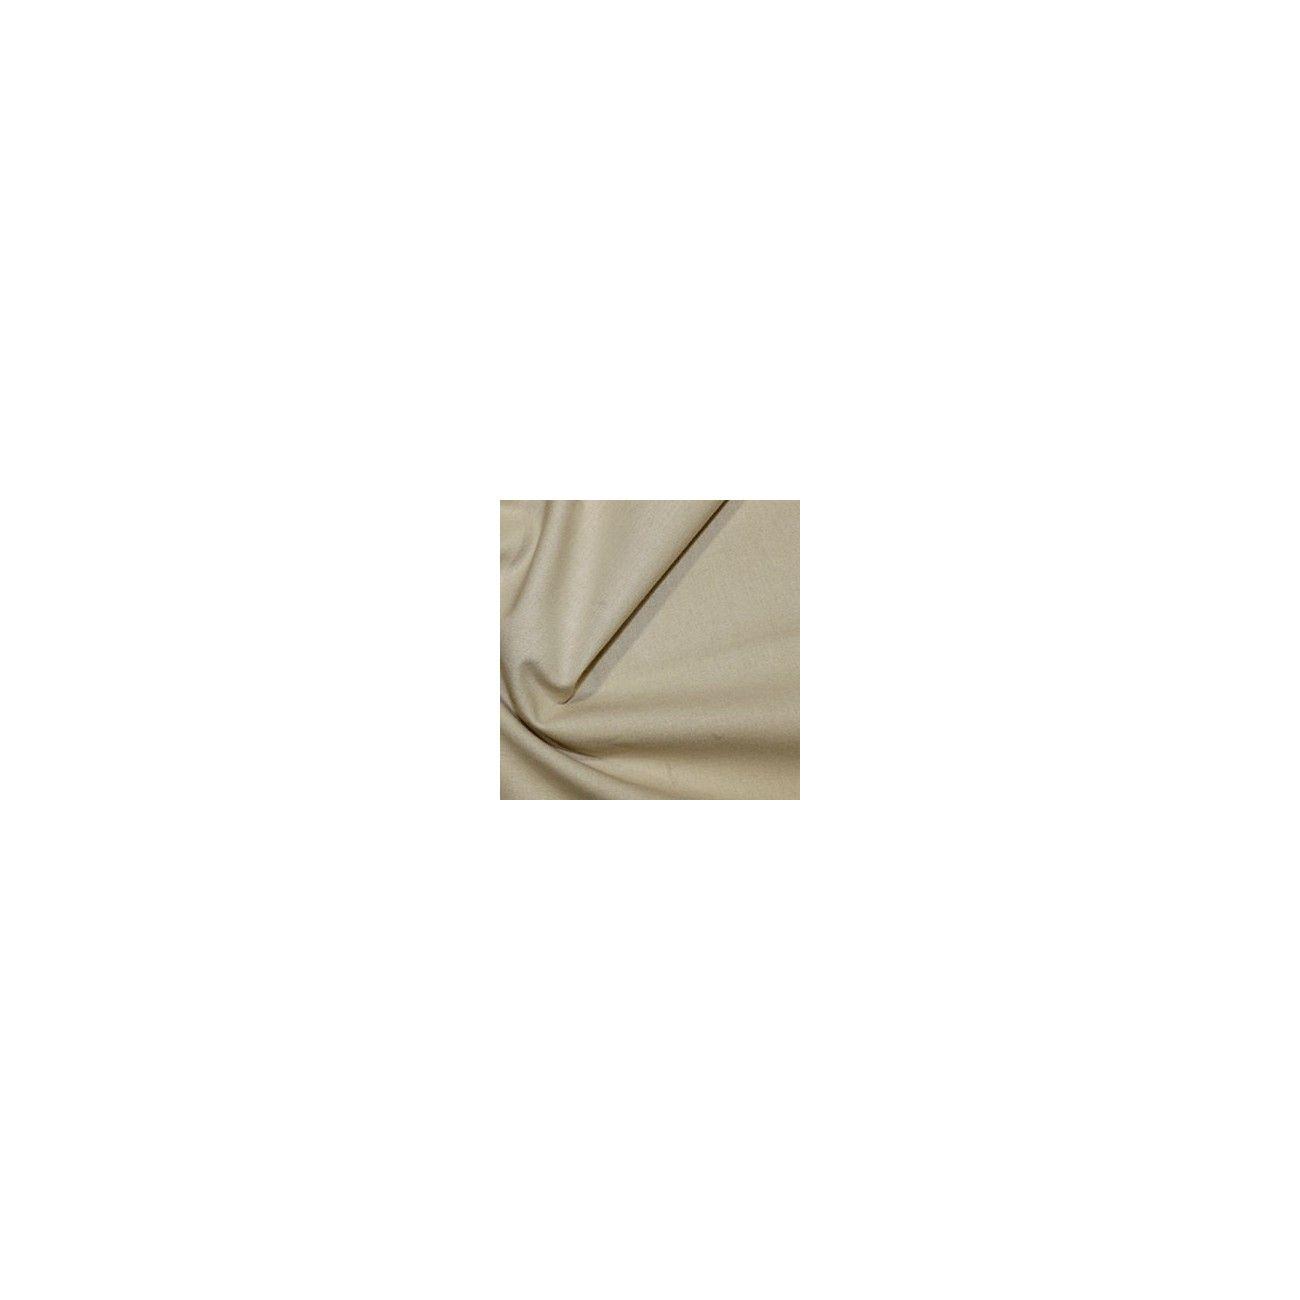 Tissu coton uni beige